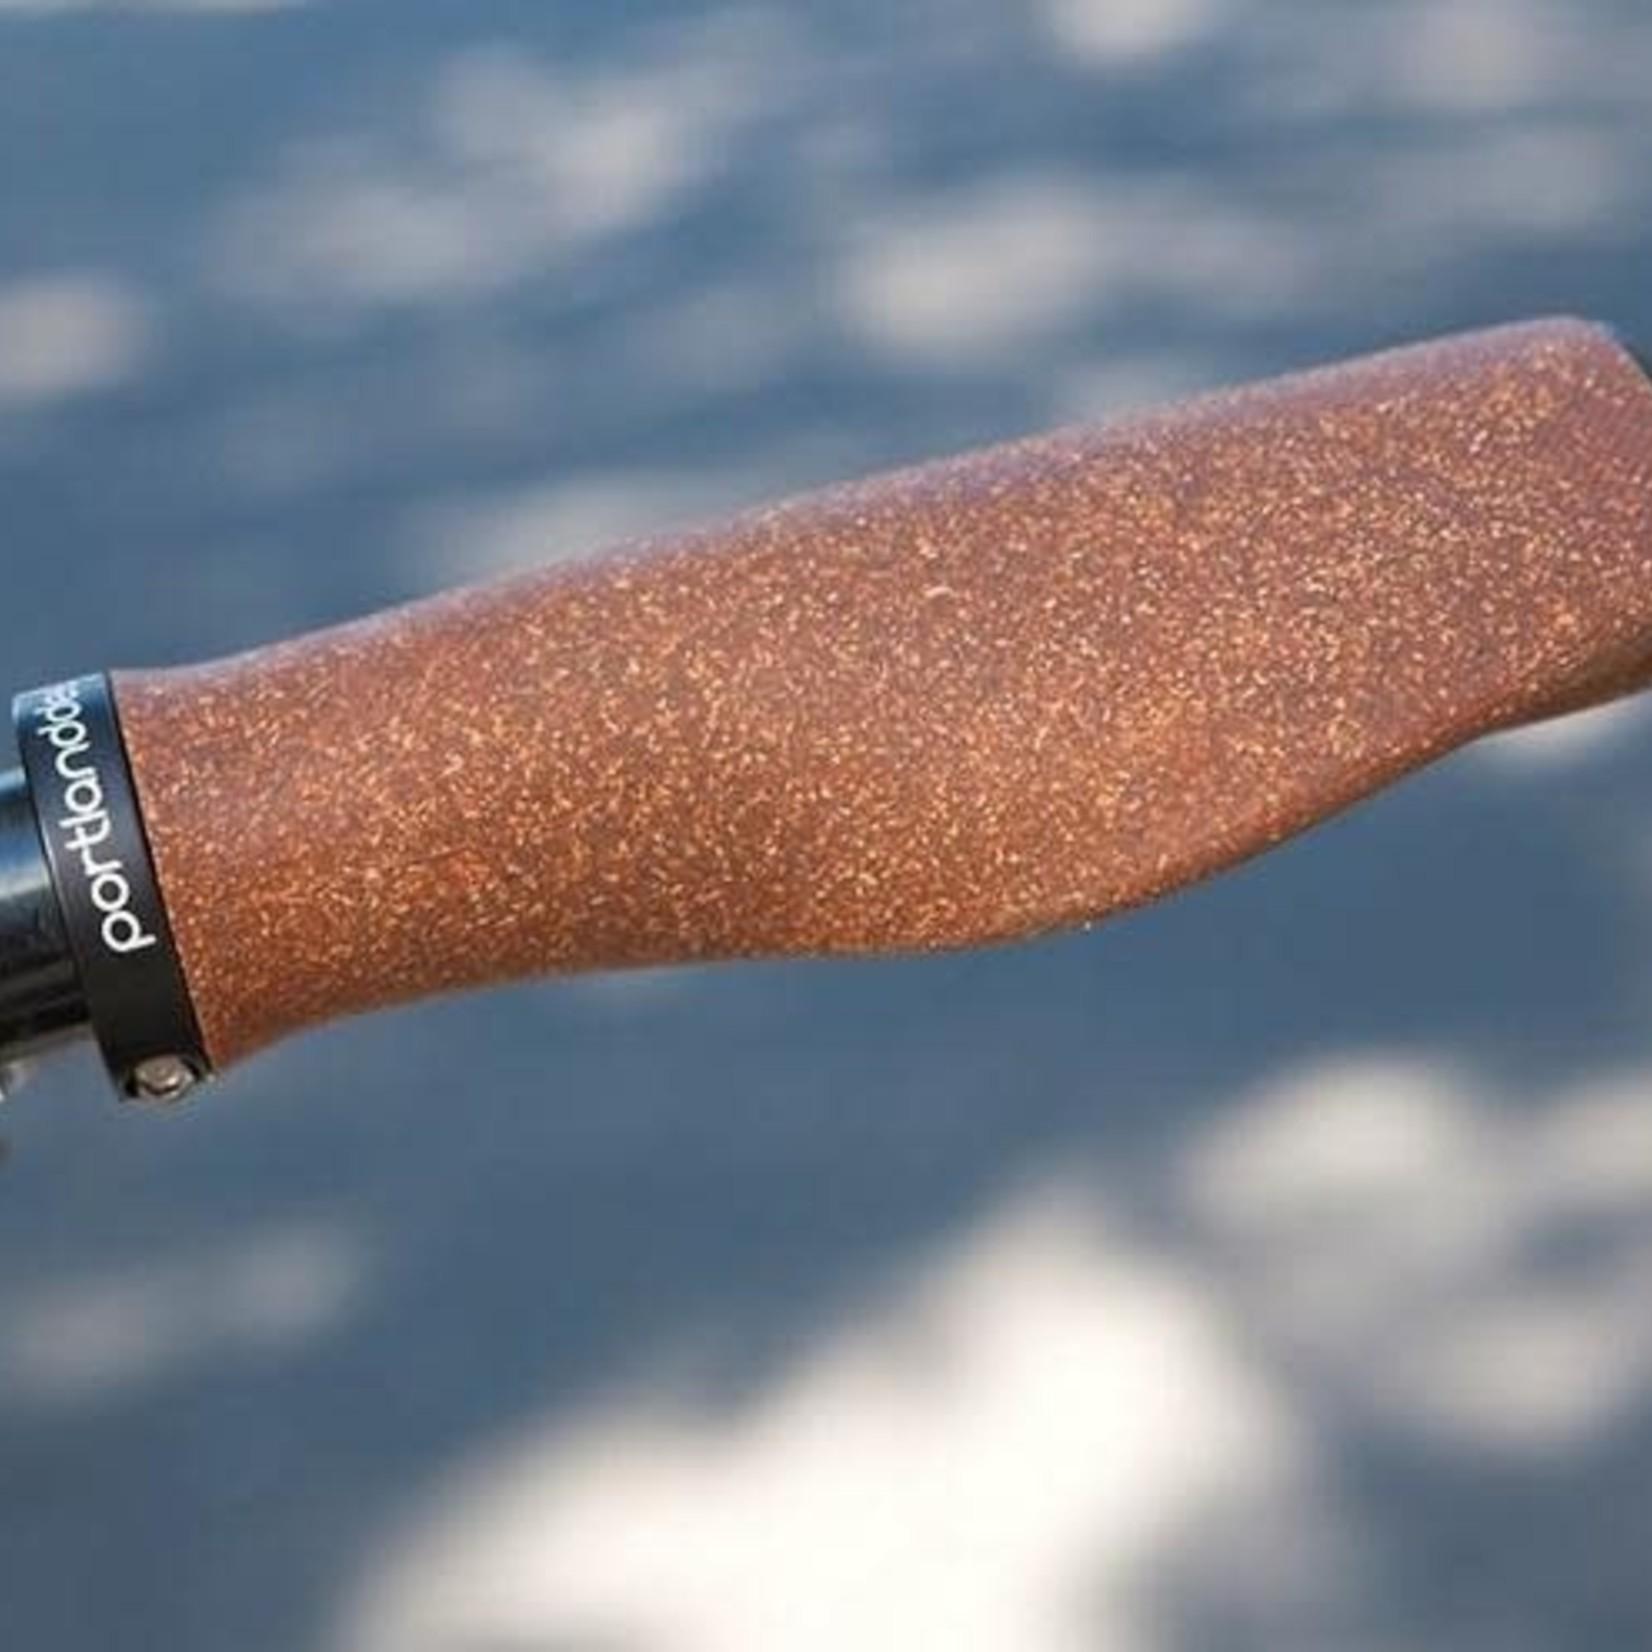 Portland Design Works Cork Chop Grips - Natural, Lock-On